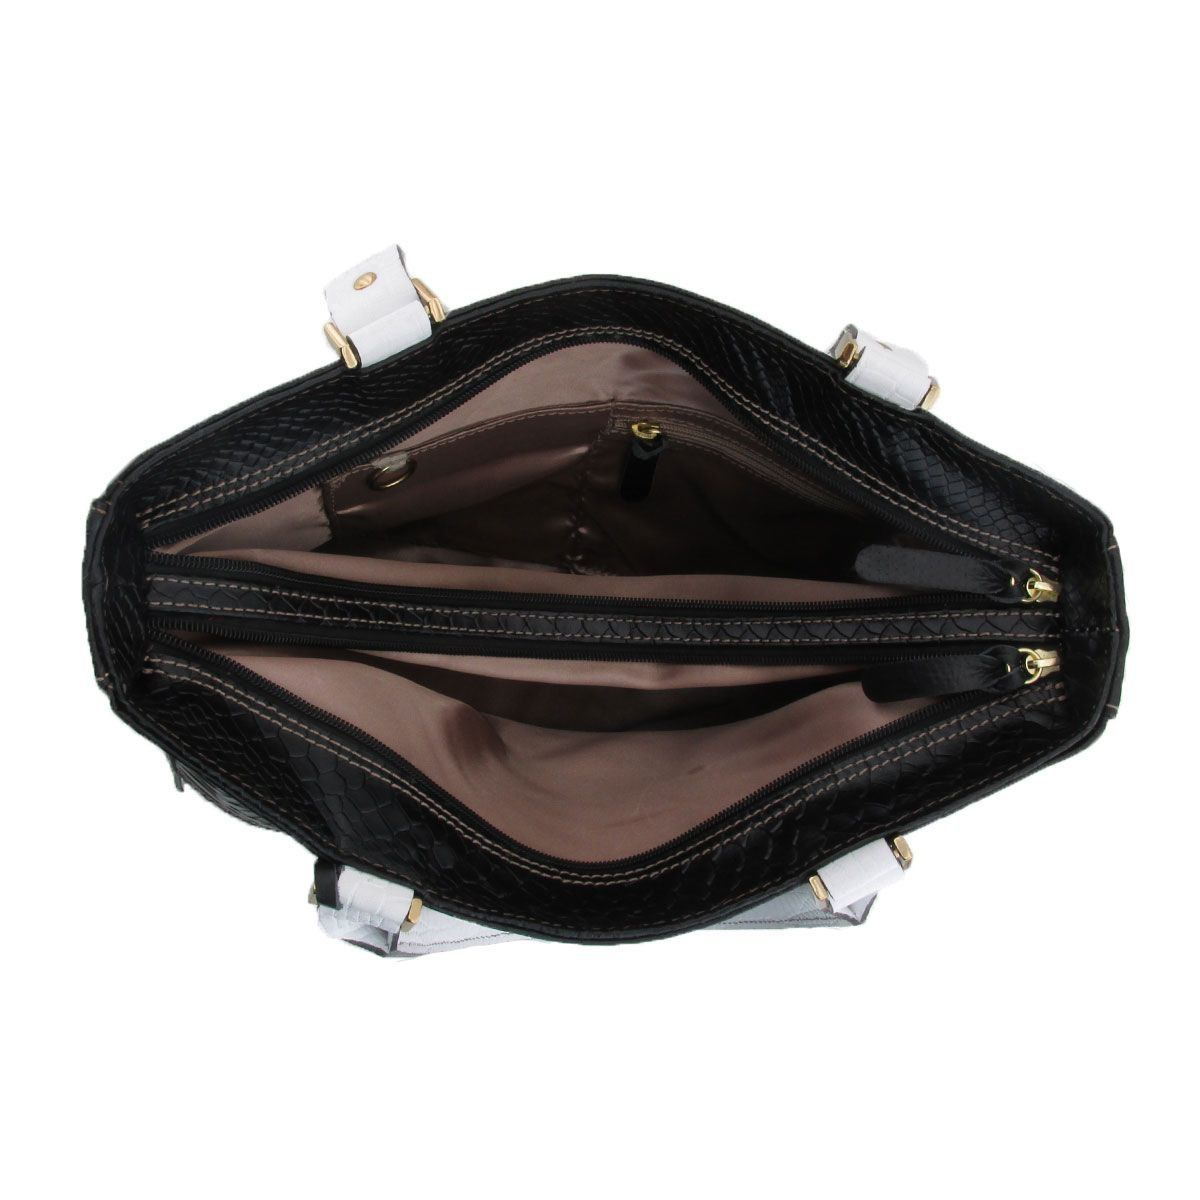 Bolsa Couro Estruturada Black